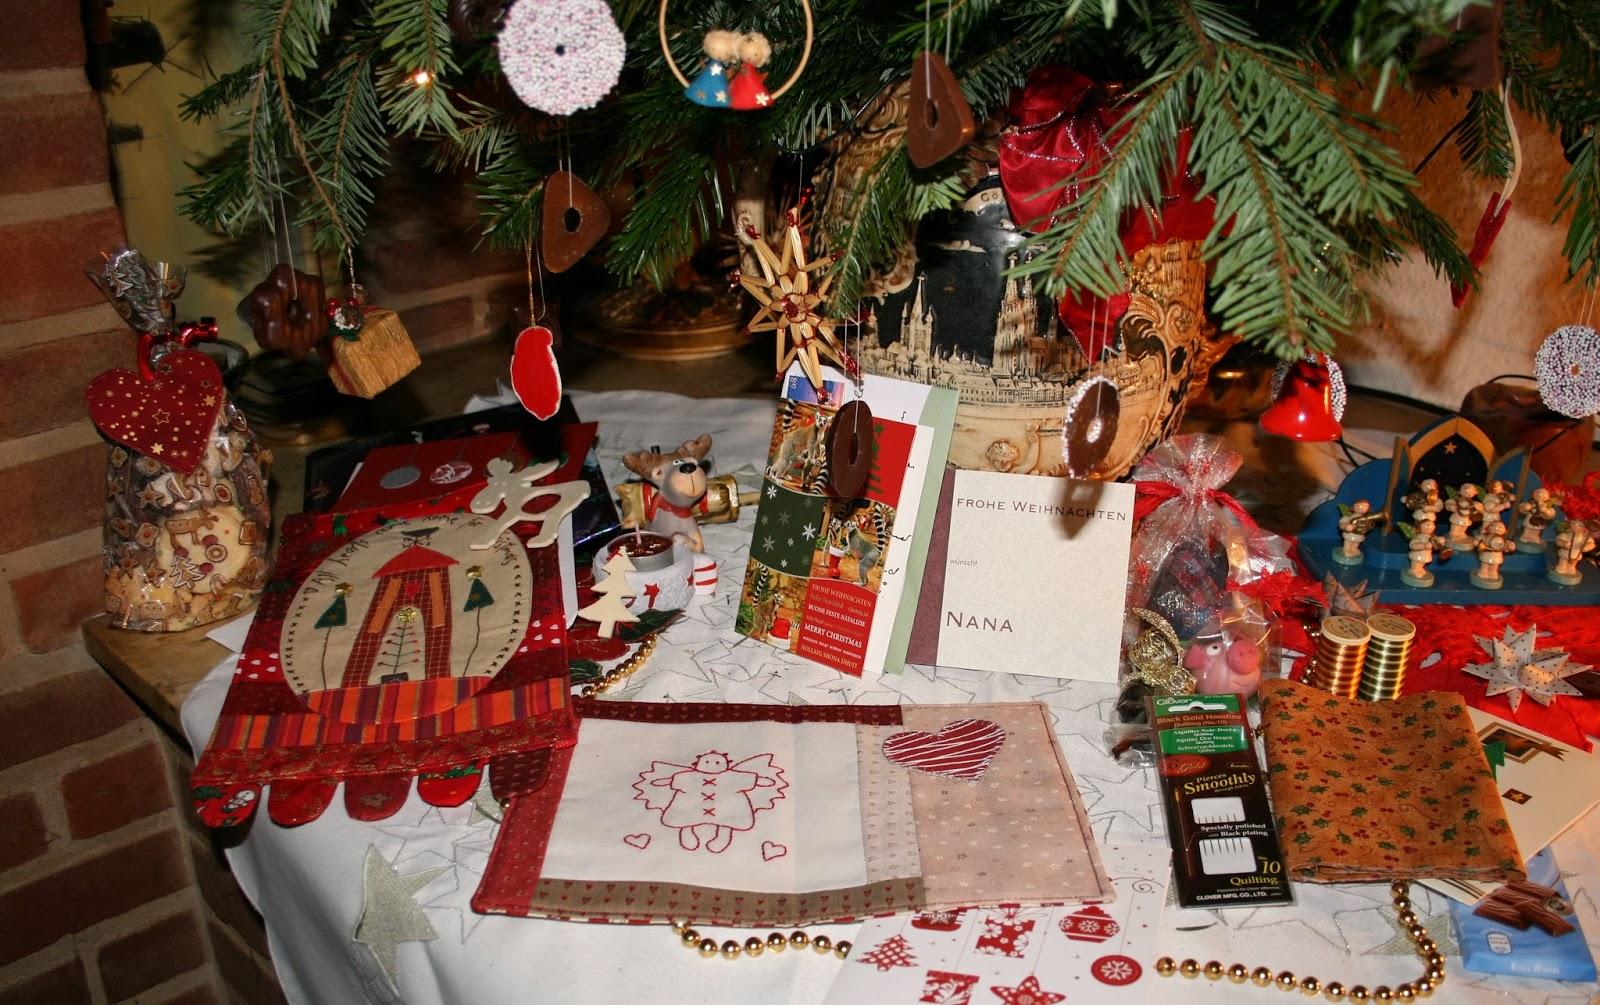 naehyoga sch ne weihnachten gehabt zu haben. Black Bedroom Furniture Sets. Home Design Ideas